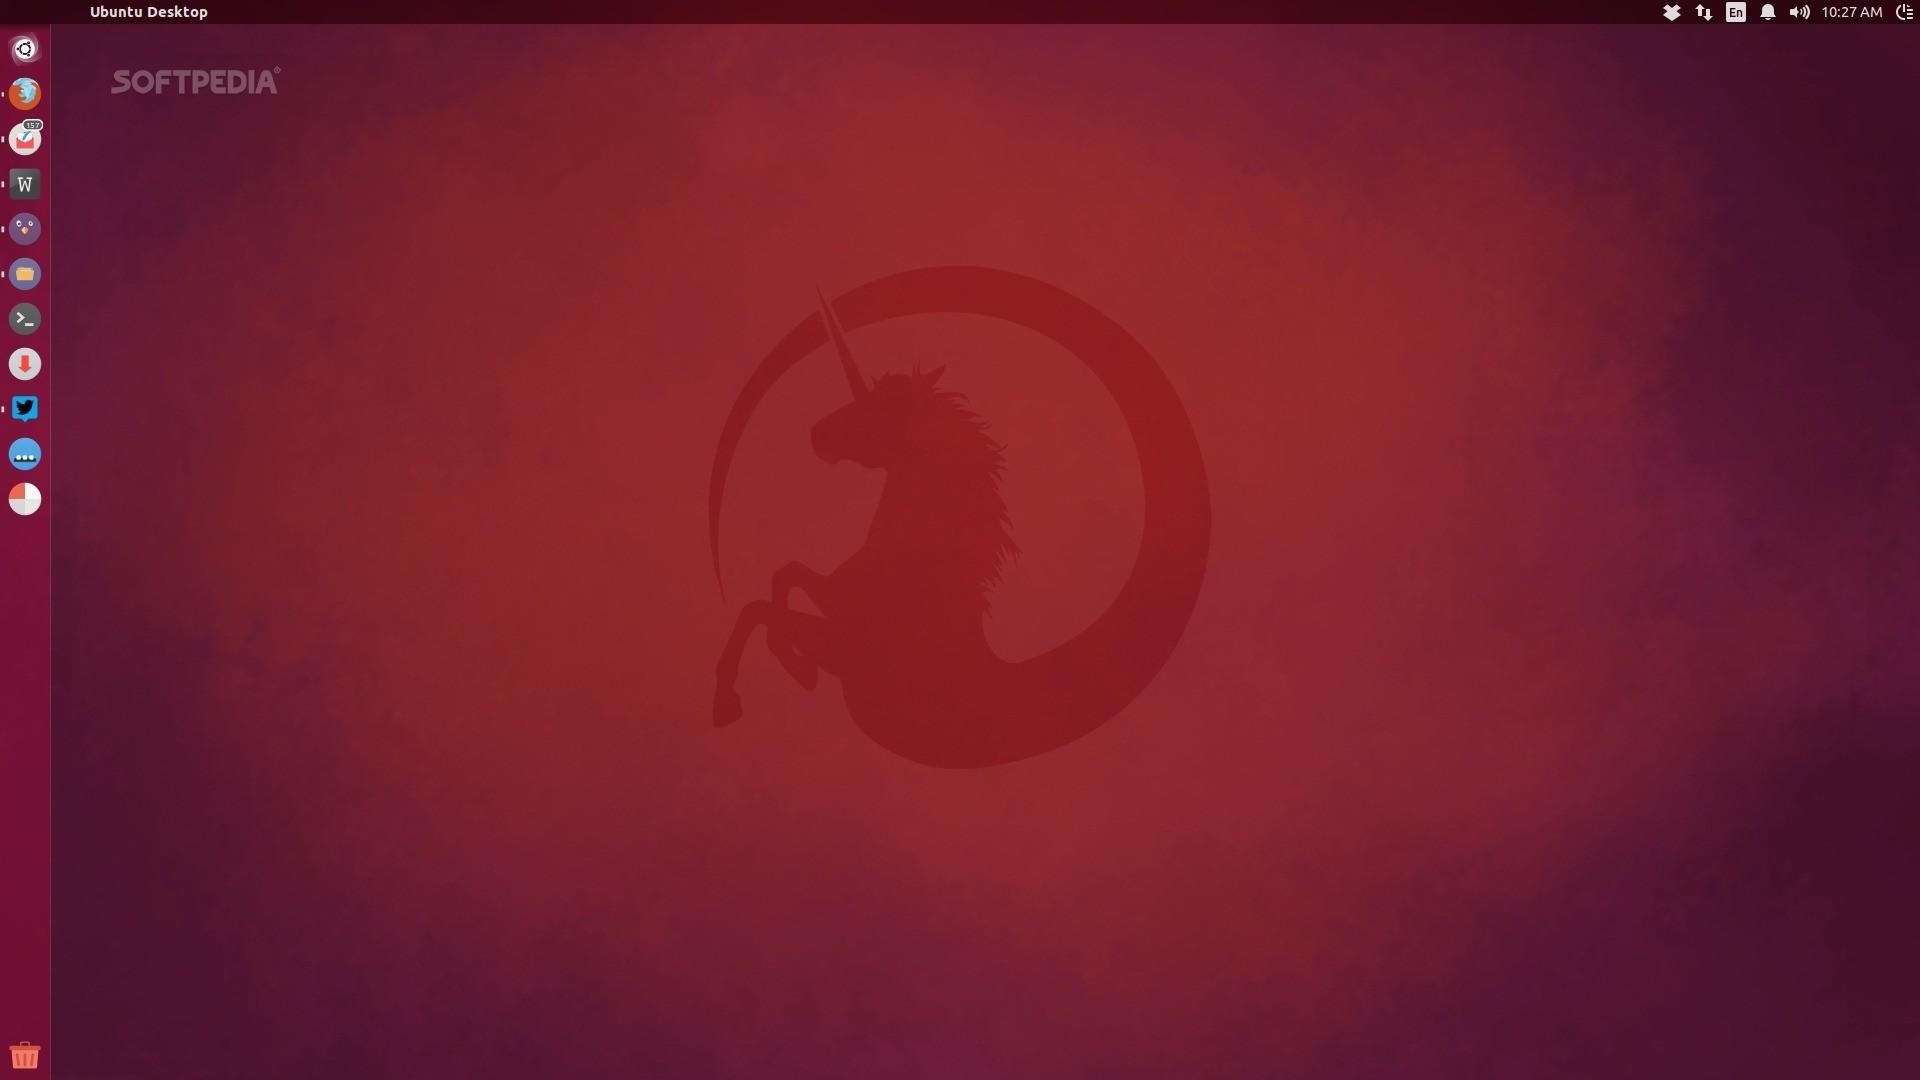 ubuntu 14.04 iso 32 bits